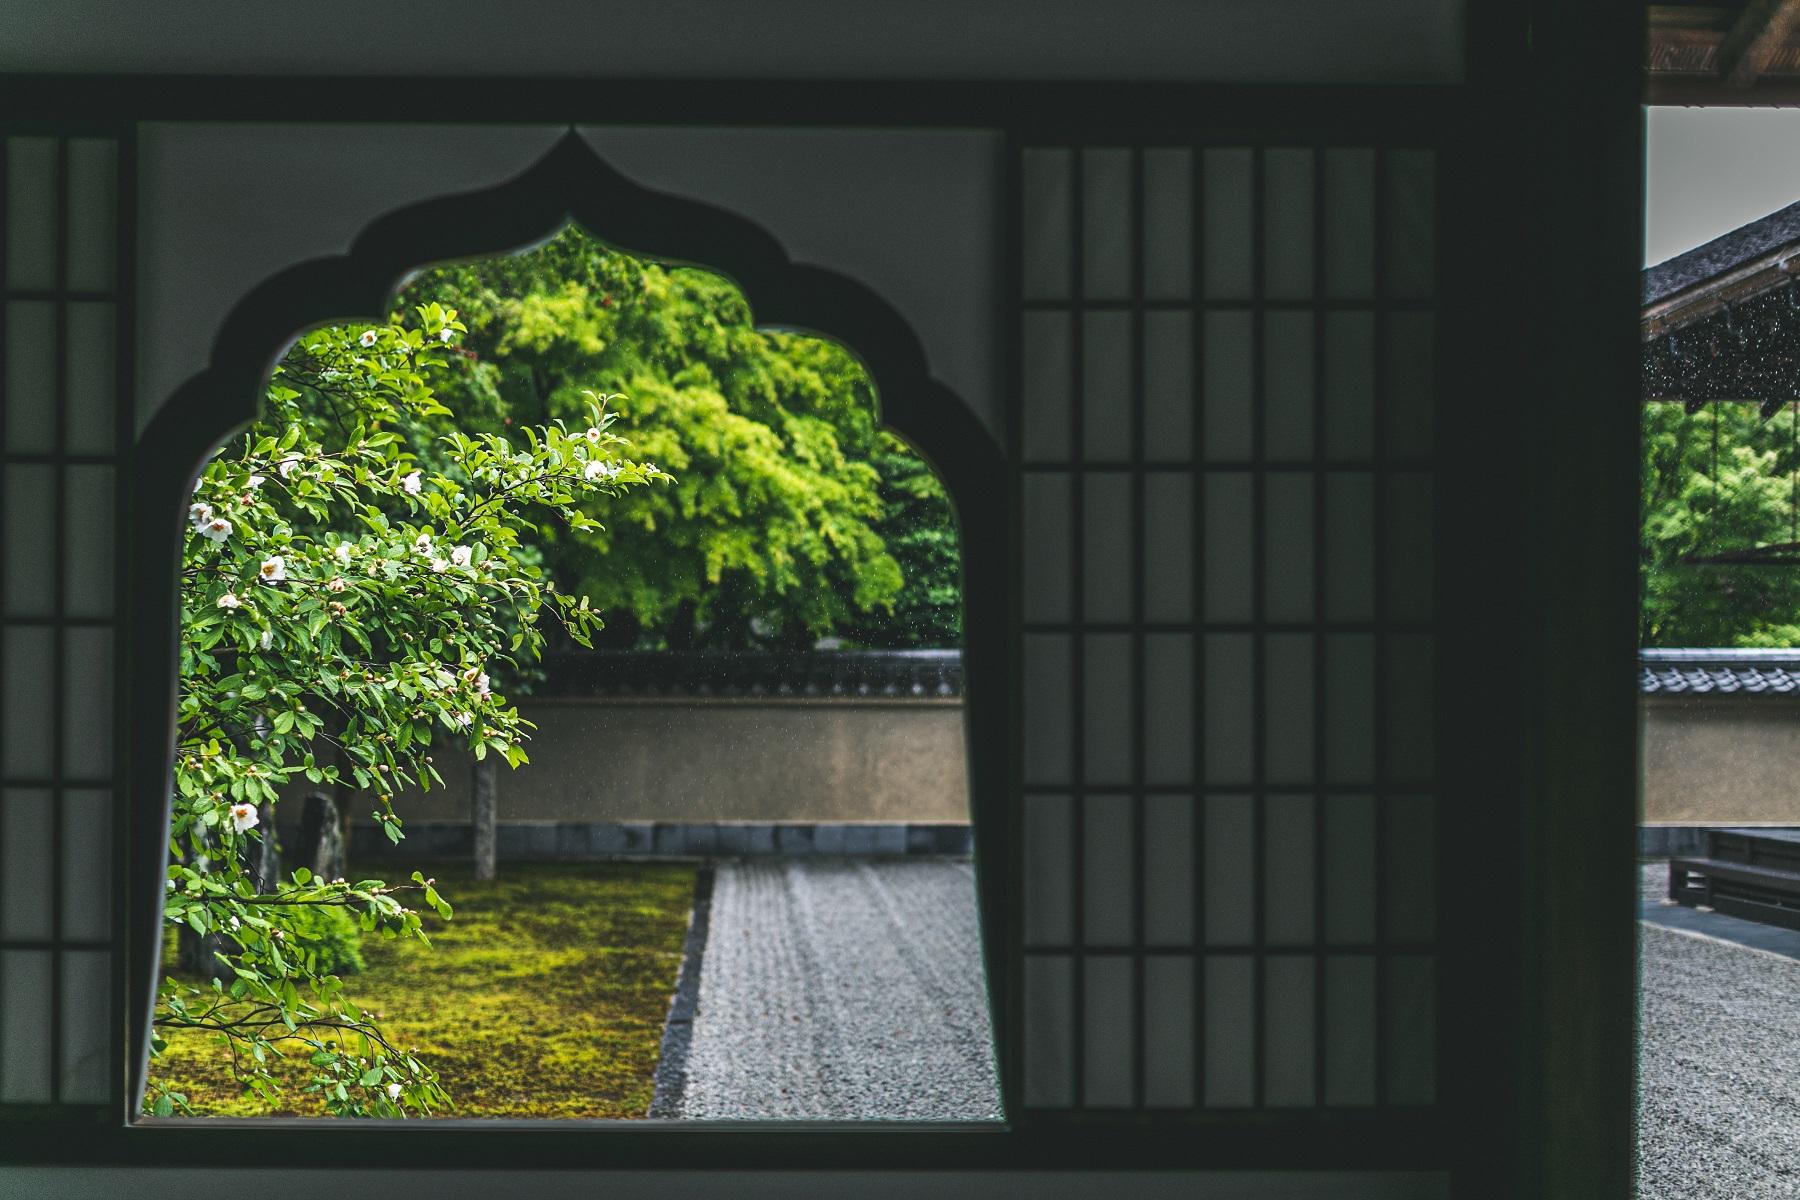 大徳寺 黄梅院での挙式案内 | 結婚式プロデュース 京鐘